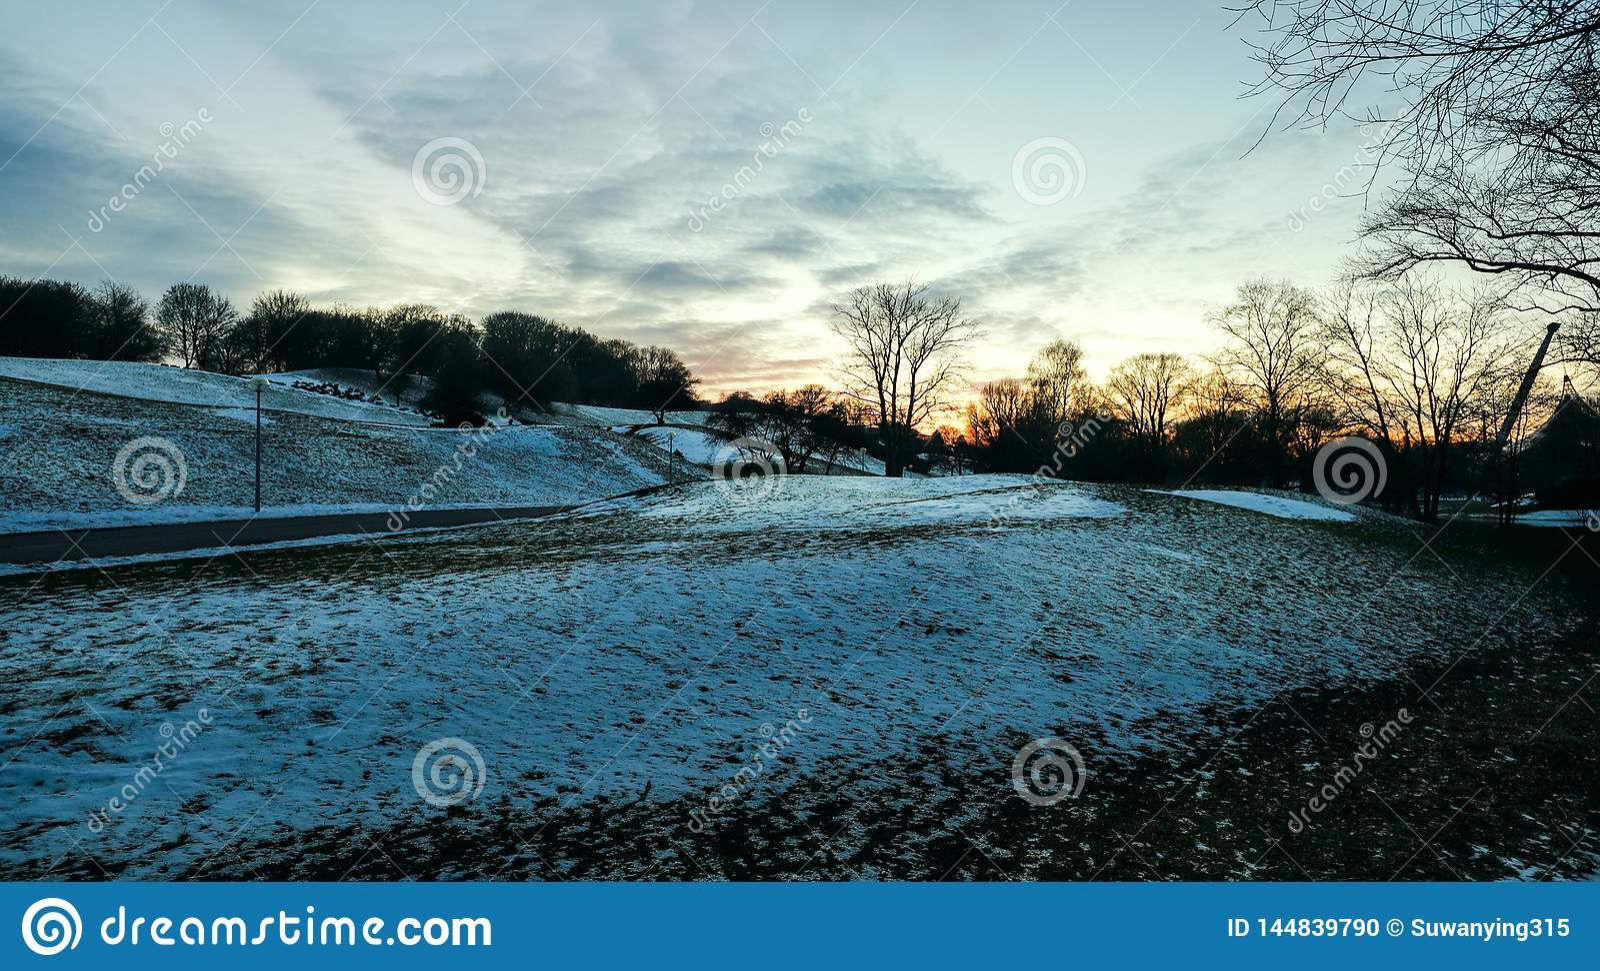 Sunset hillside in blue winter